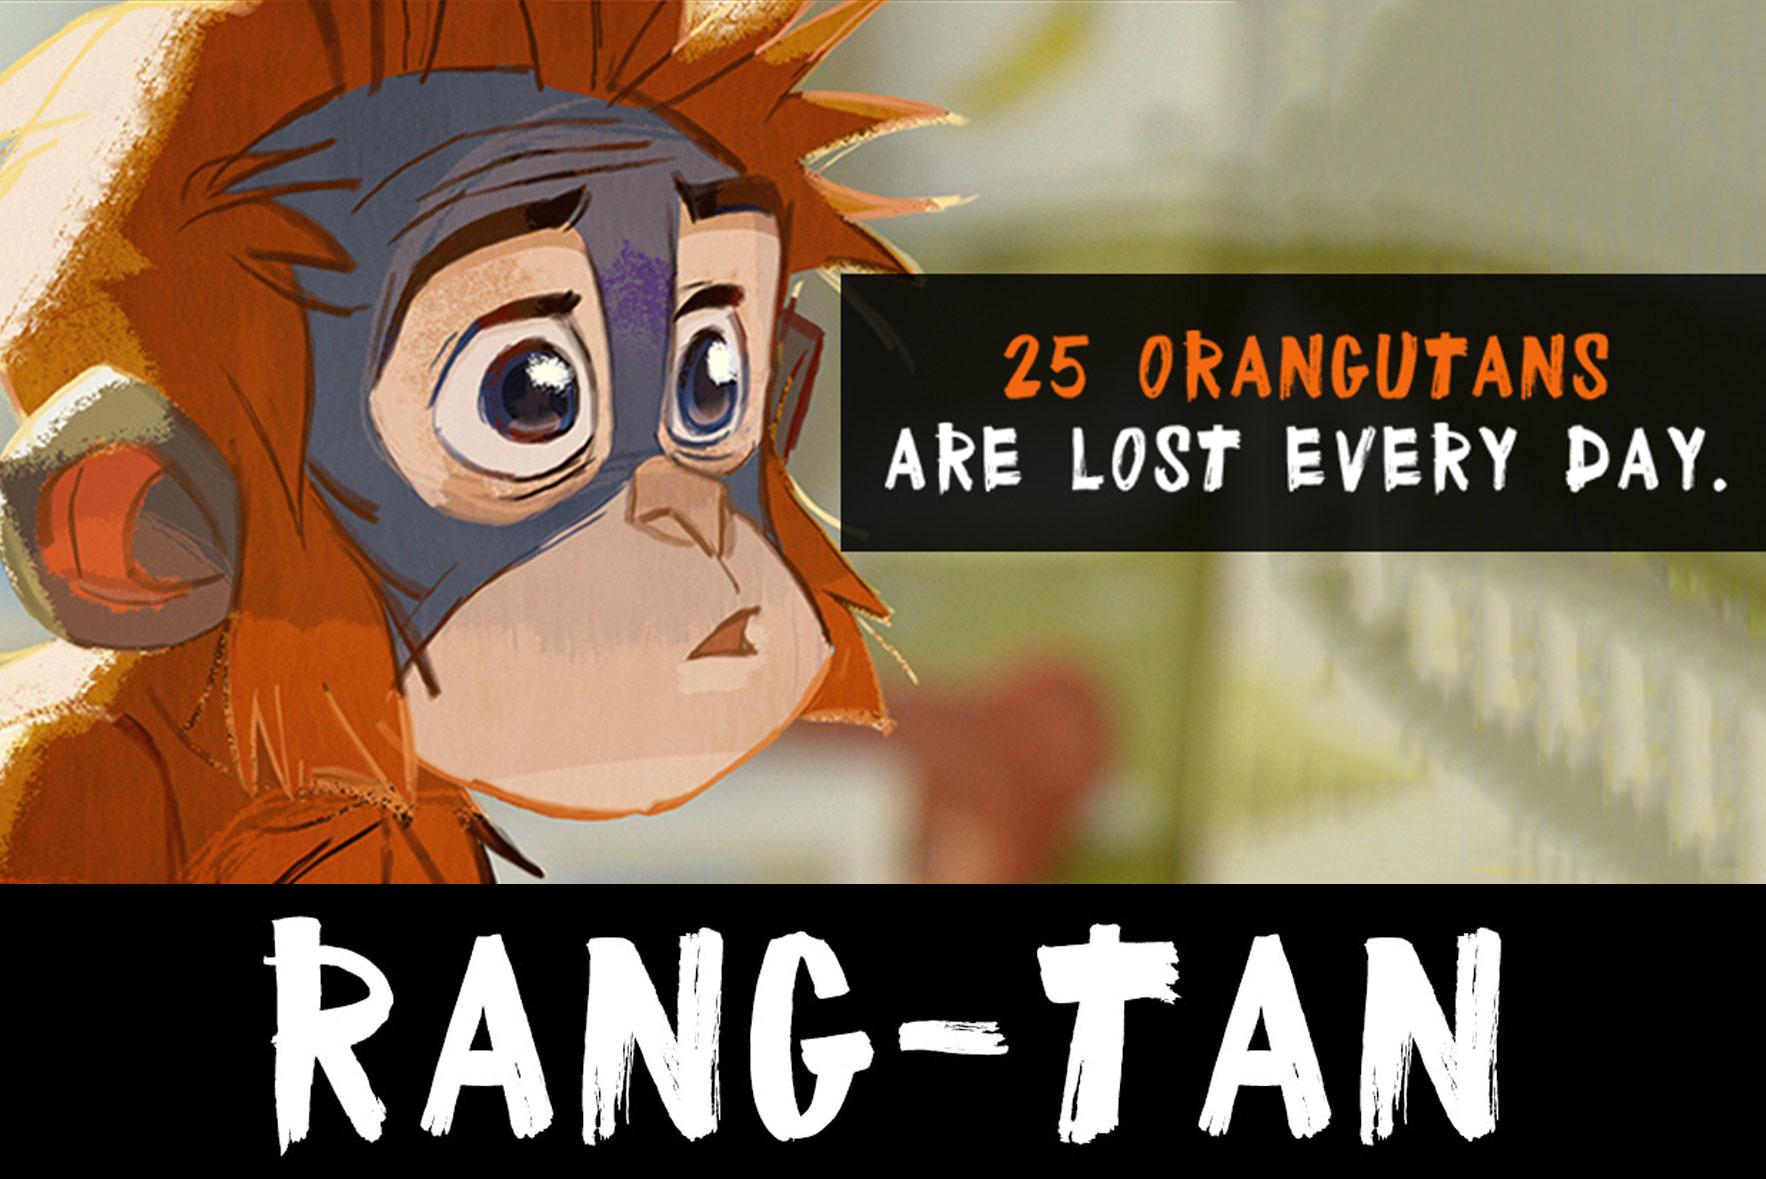 Save Rang-Tan!